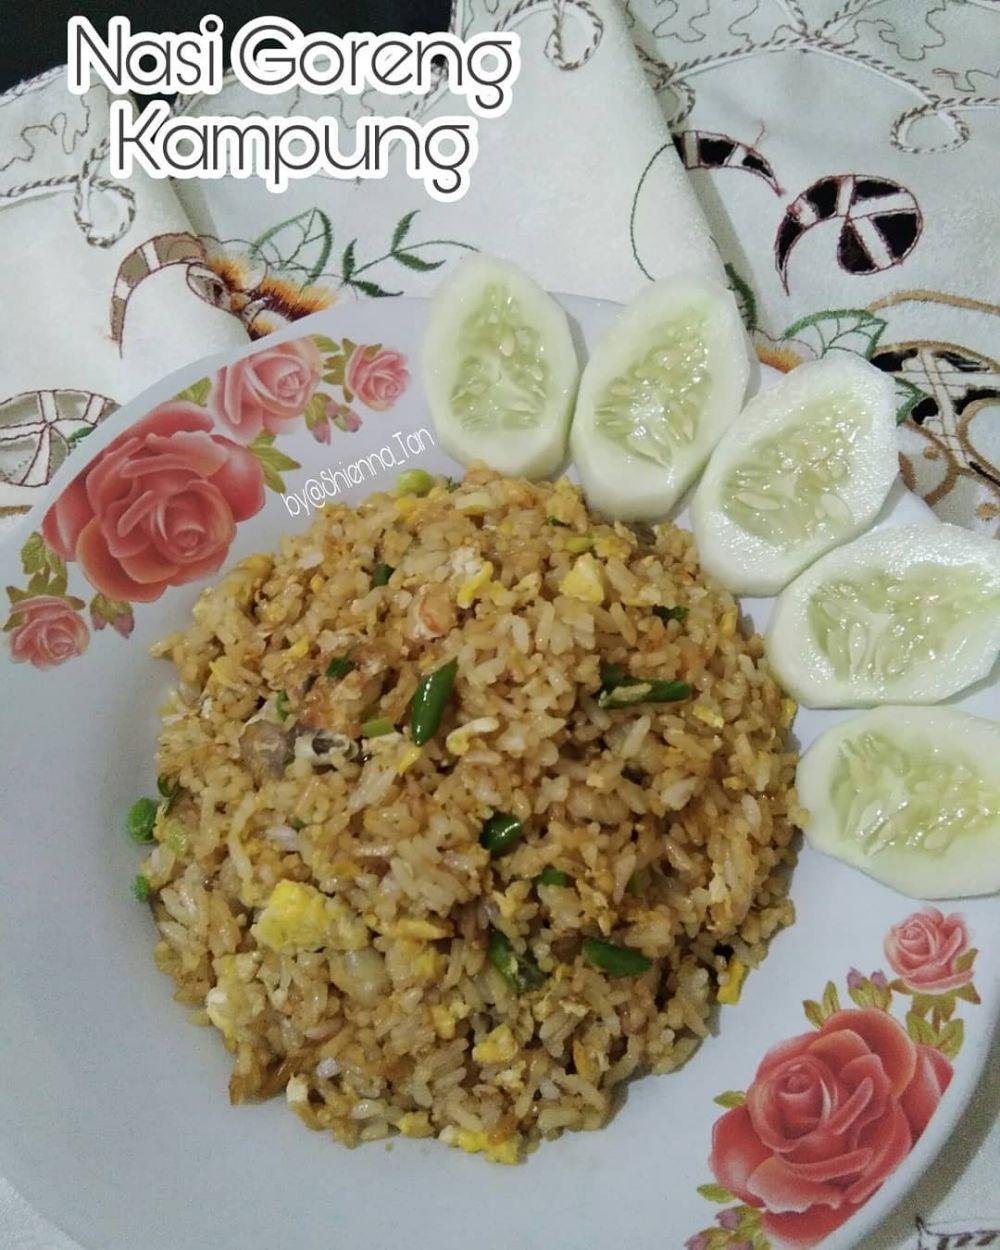 Resep Nasi Goreng Rumahan : resep, goreng, rumahan, Recipes, Home-cooked, Fried, Rice,, Delicious, Instagram, Goreng,, Resep, Makanan, Minuman